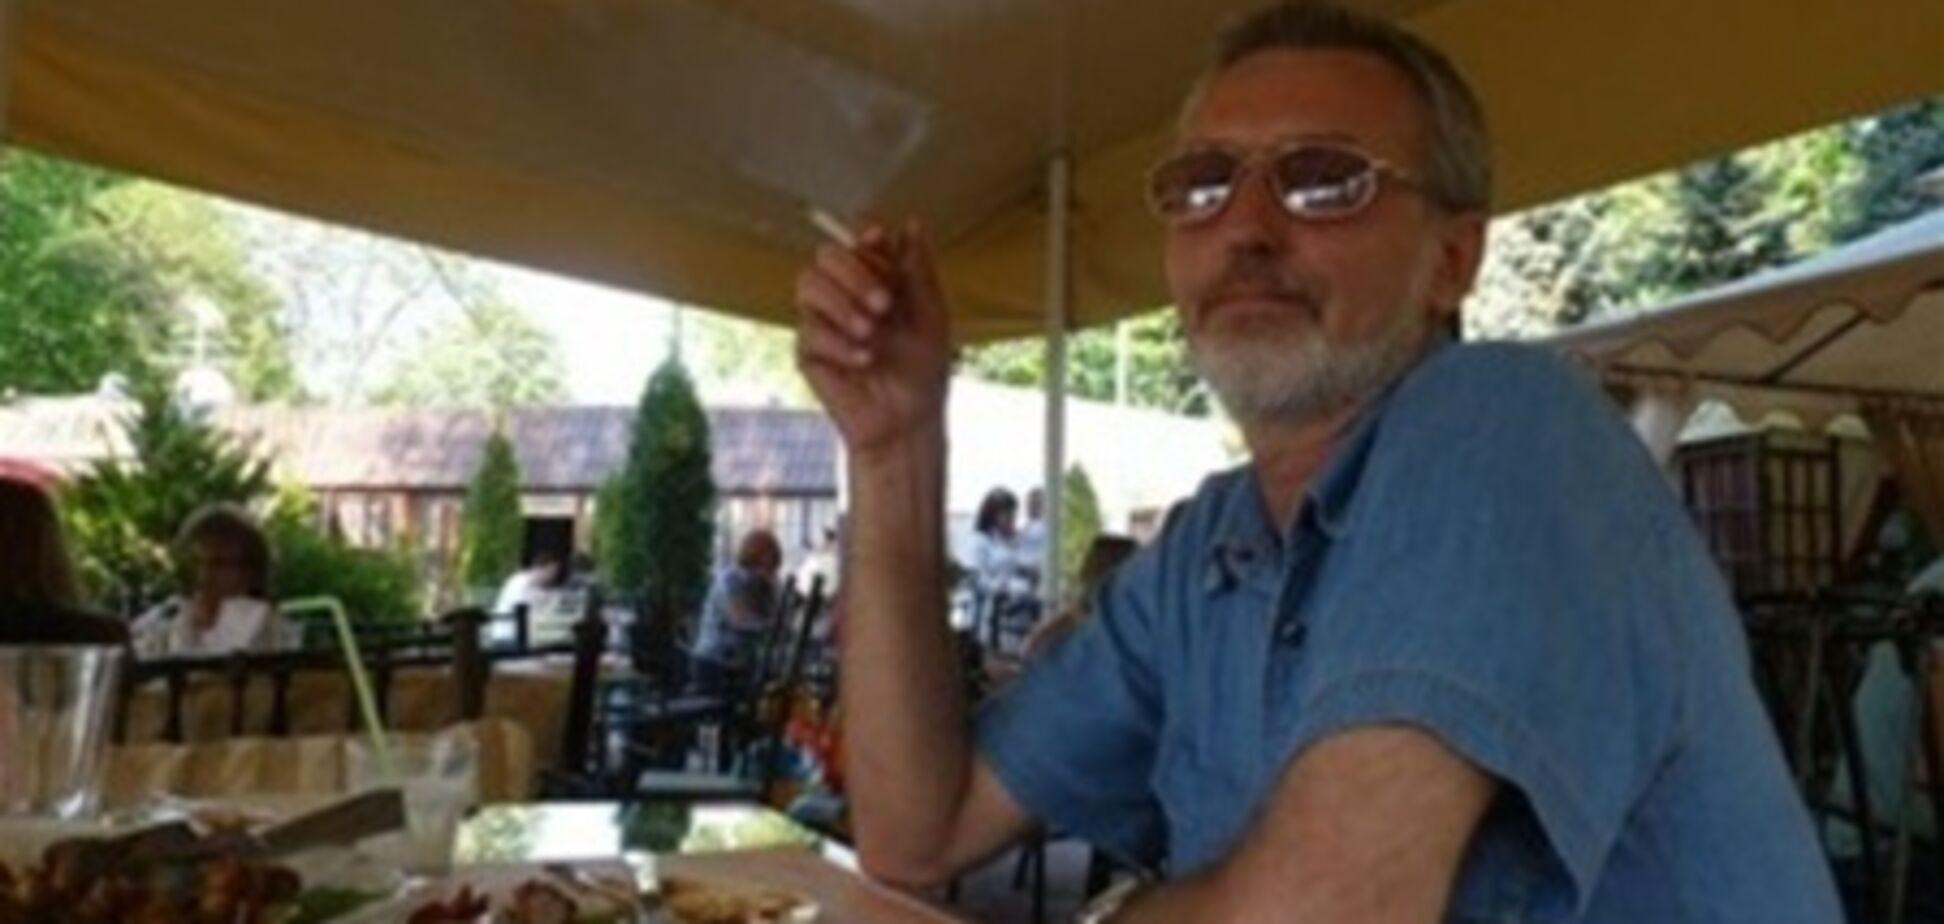 Одеський моряк загадково загинув в Індії